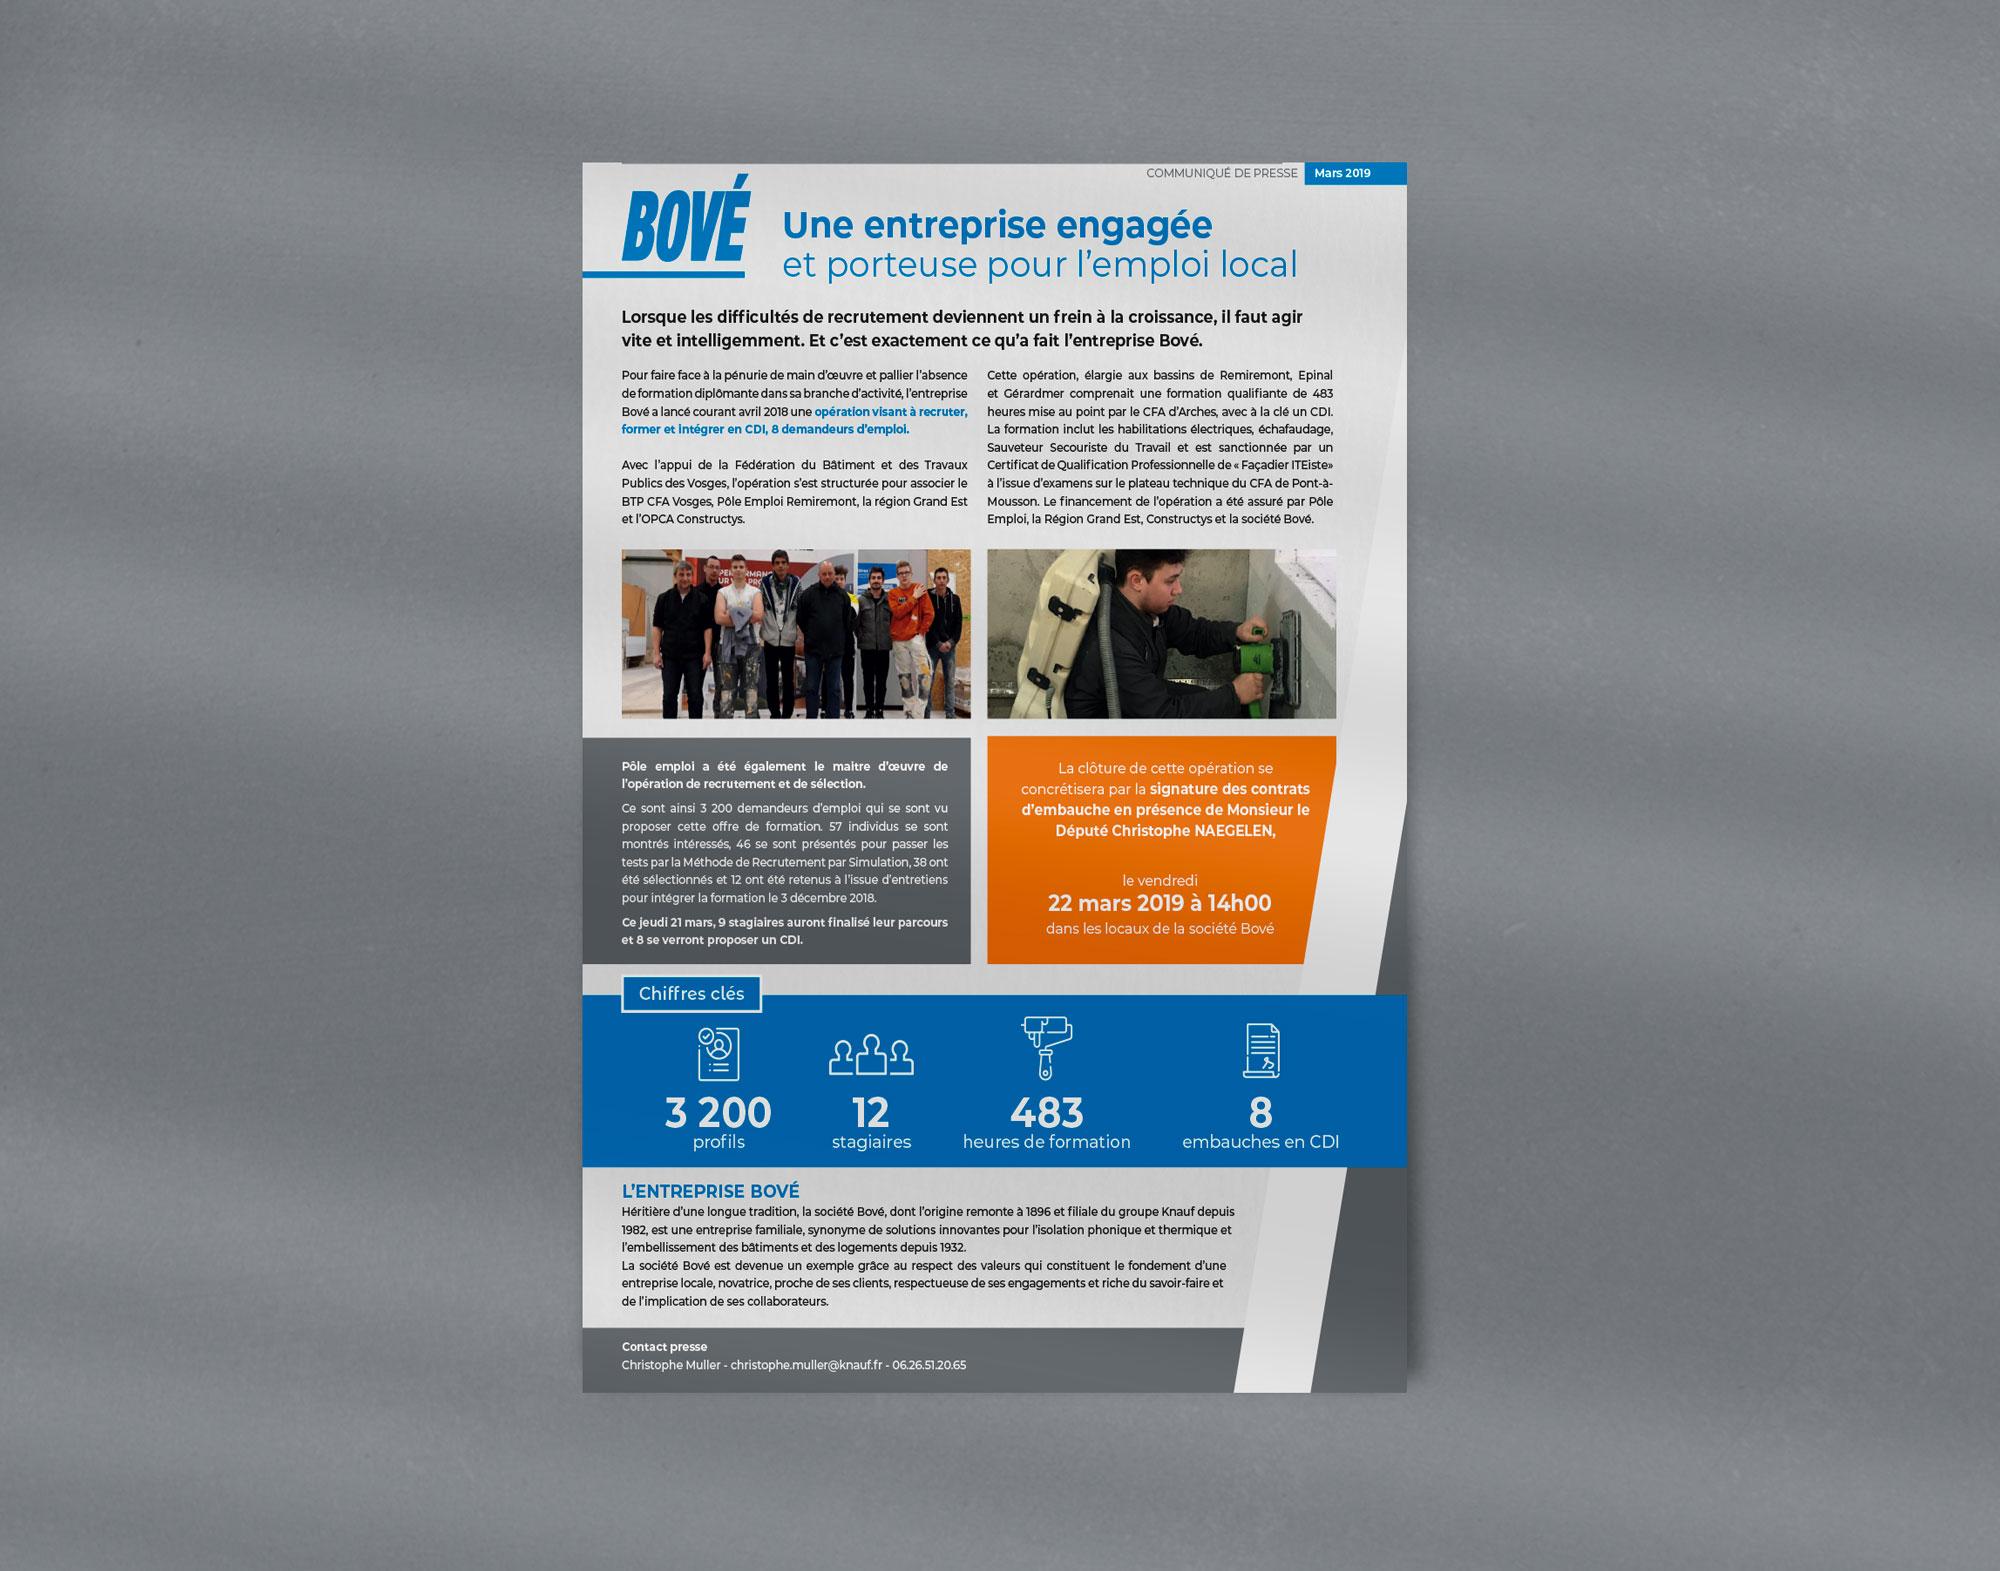 eclolink-agence-web-marketing-dijon-reference-client-bove-communique-de-presse